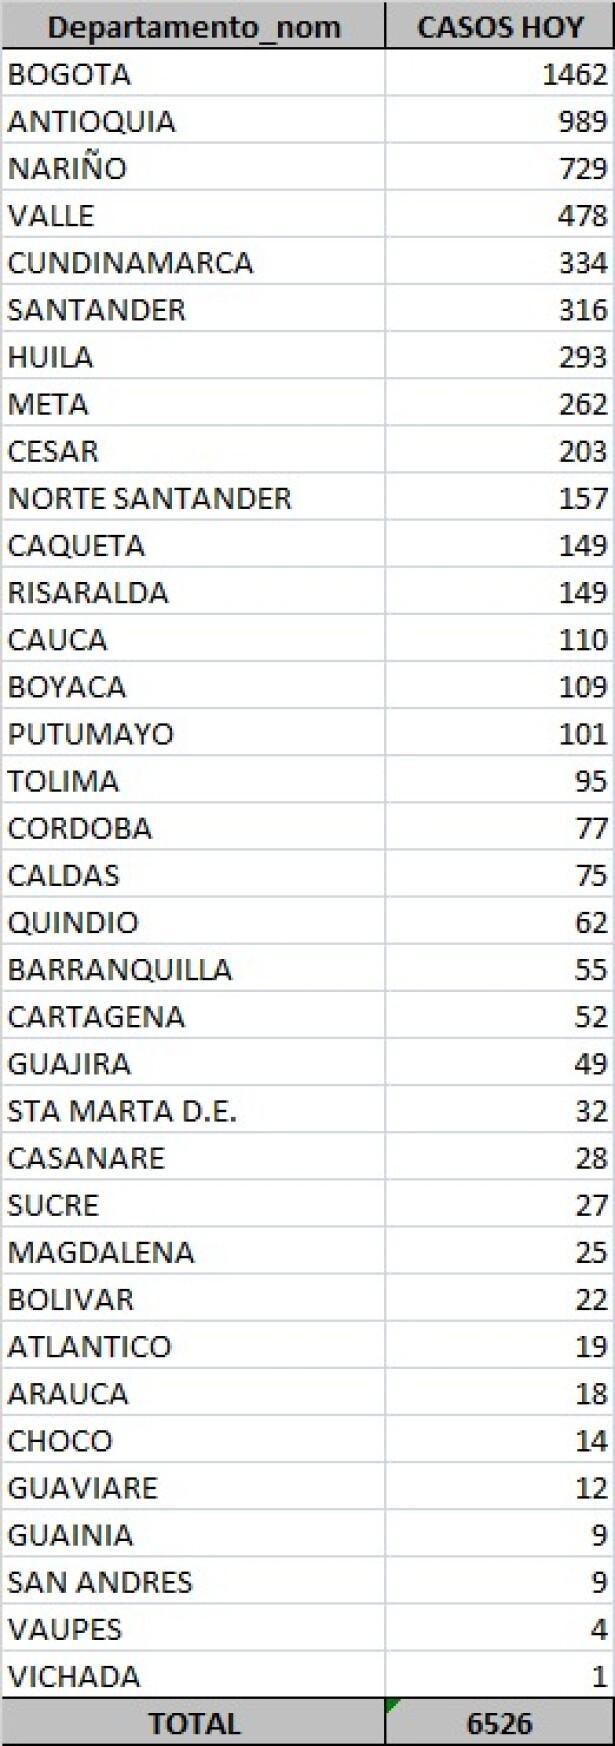 Tabla de casos COVID-19 este viernes en Colombia.jpeg